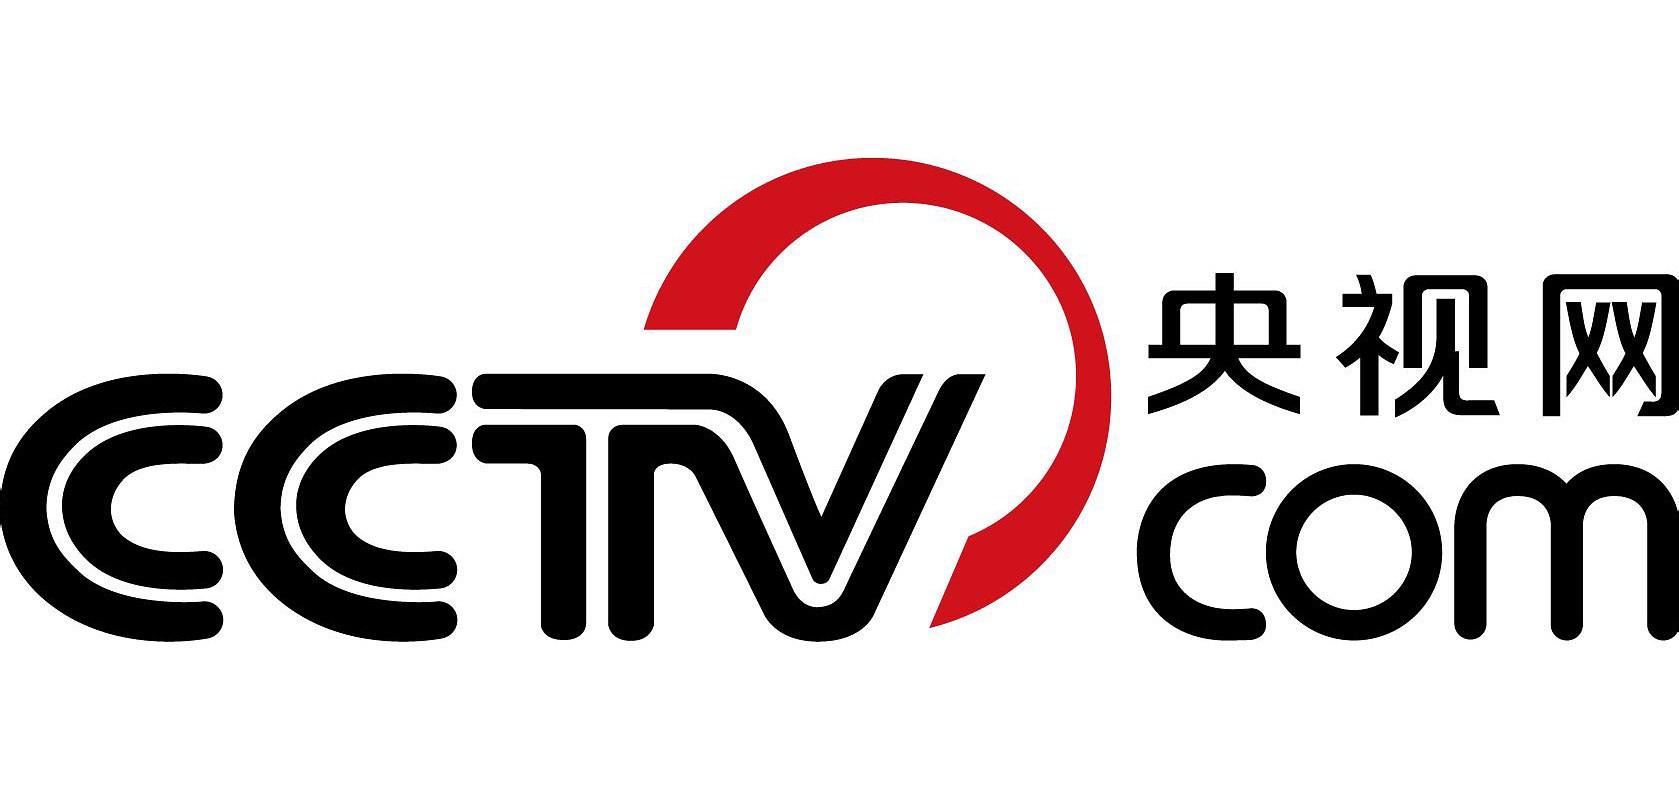 29央视网络.jpg